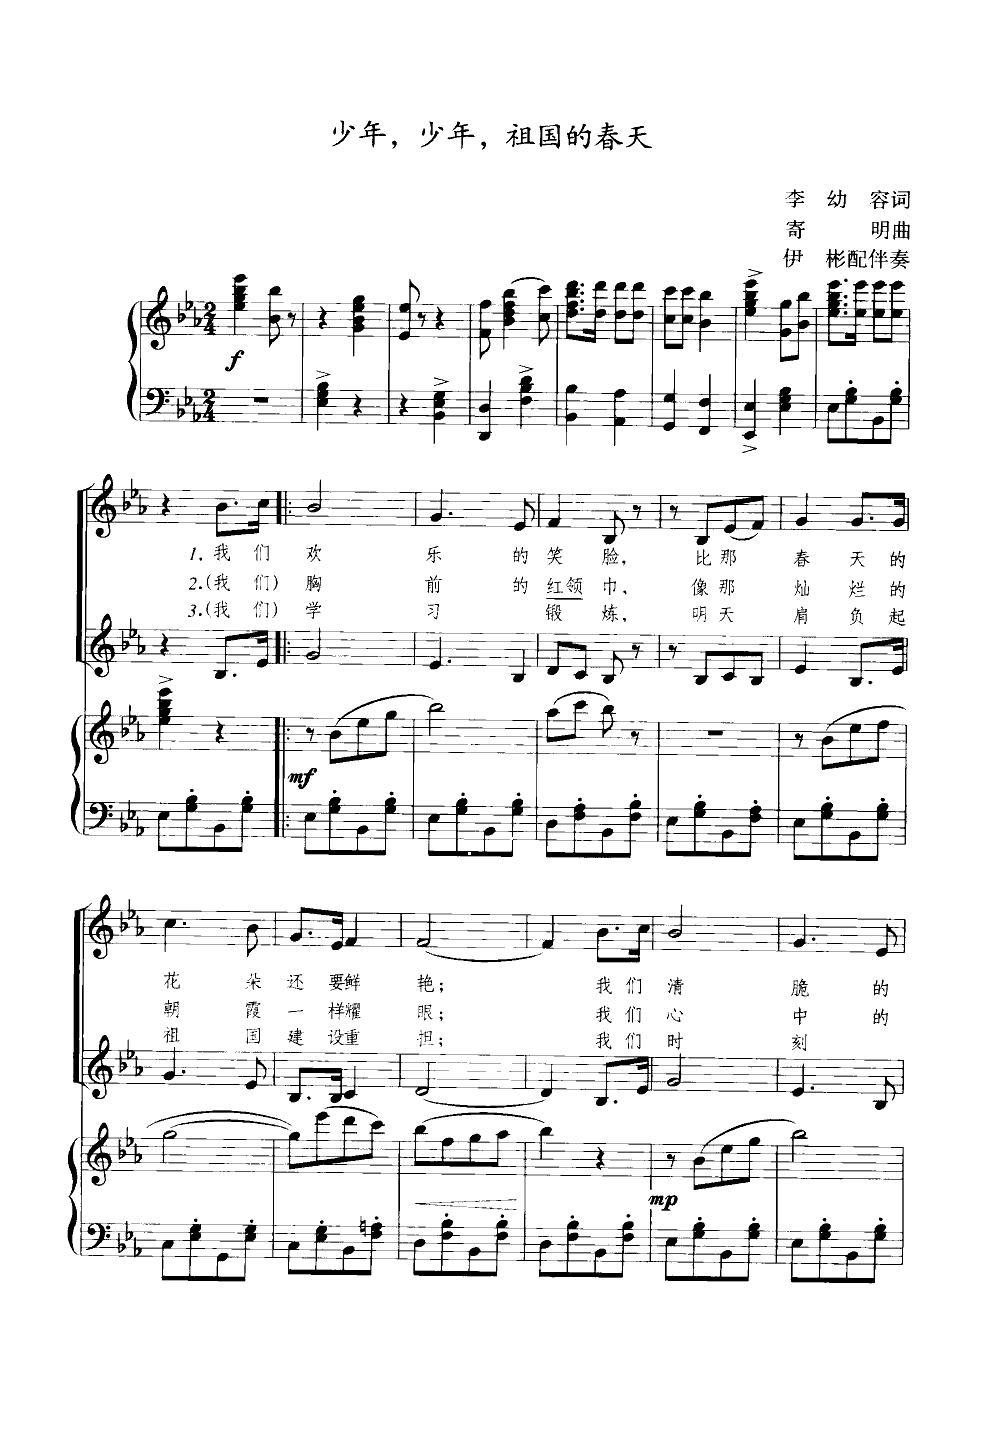 钢琴谱 - 搜狗百科图片